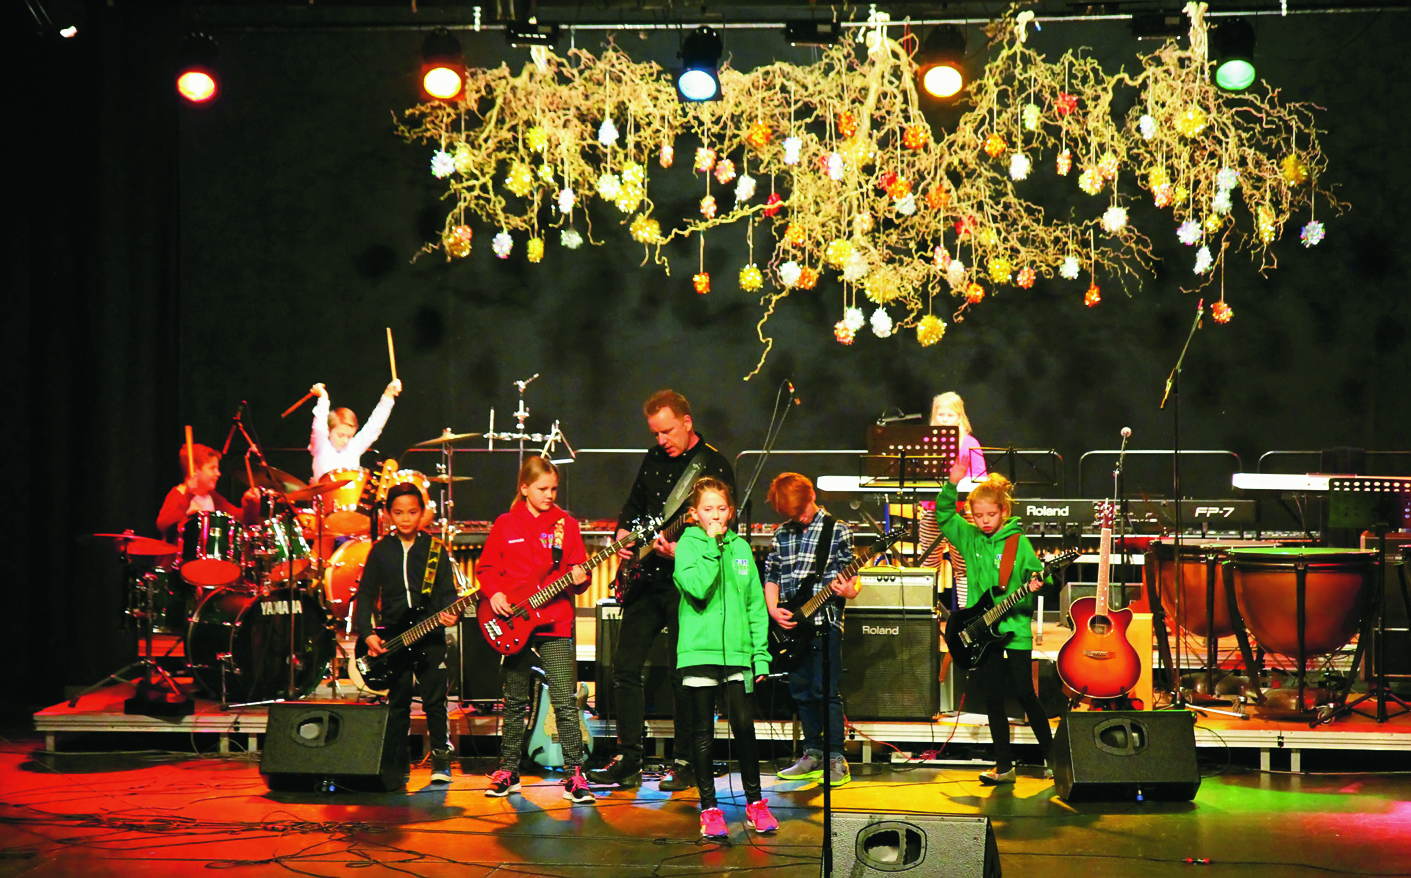 Lollands musikskole